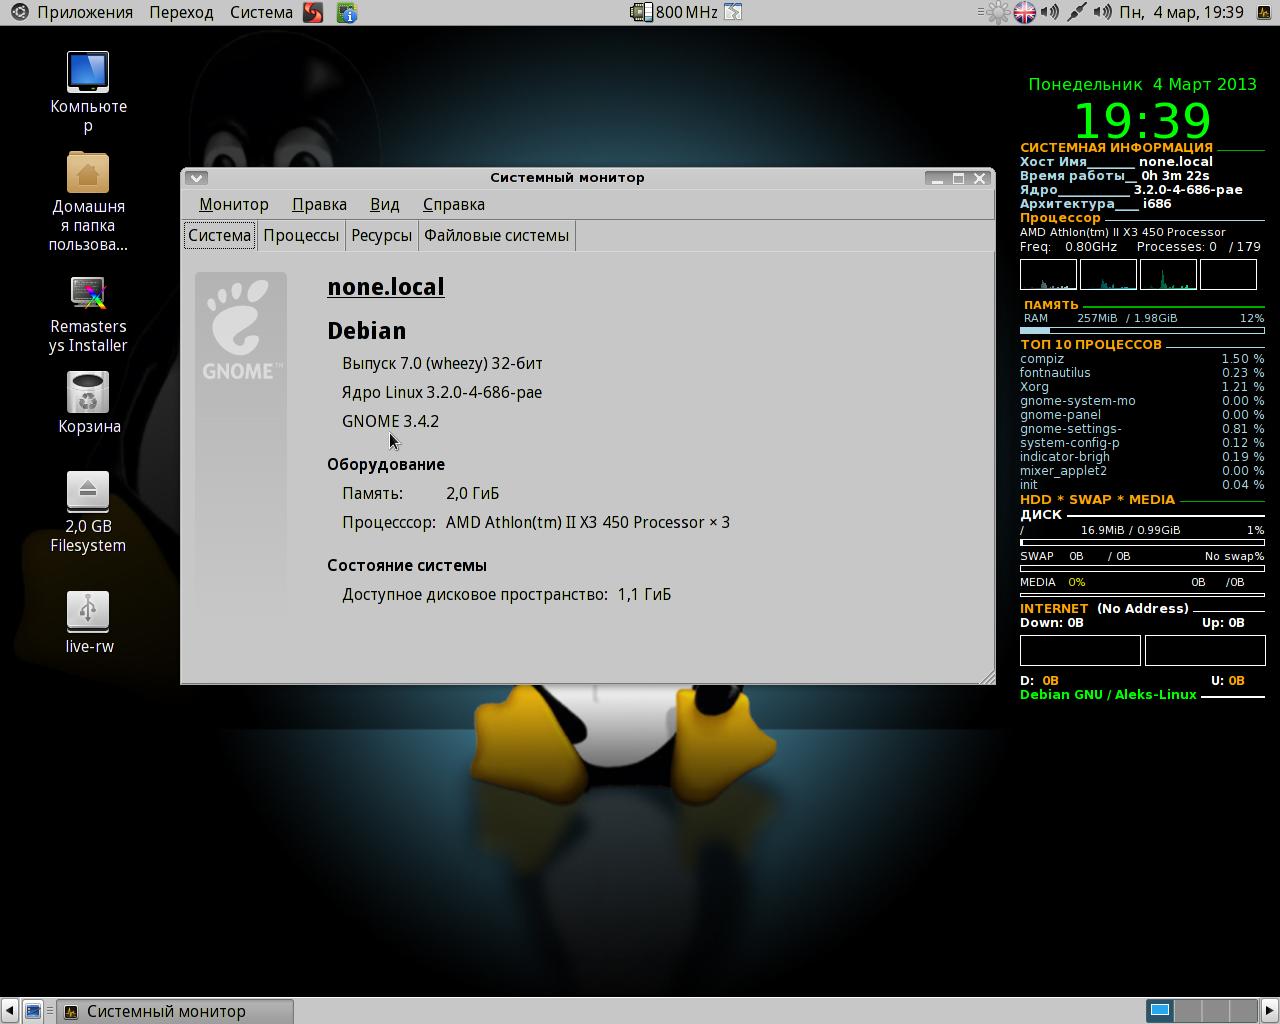 Снимок экрана от 2013-03-04 19:39:54.png